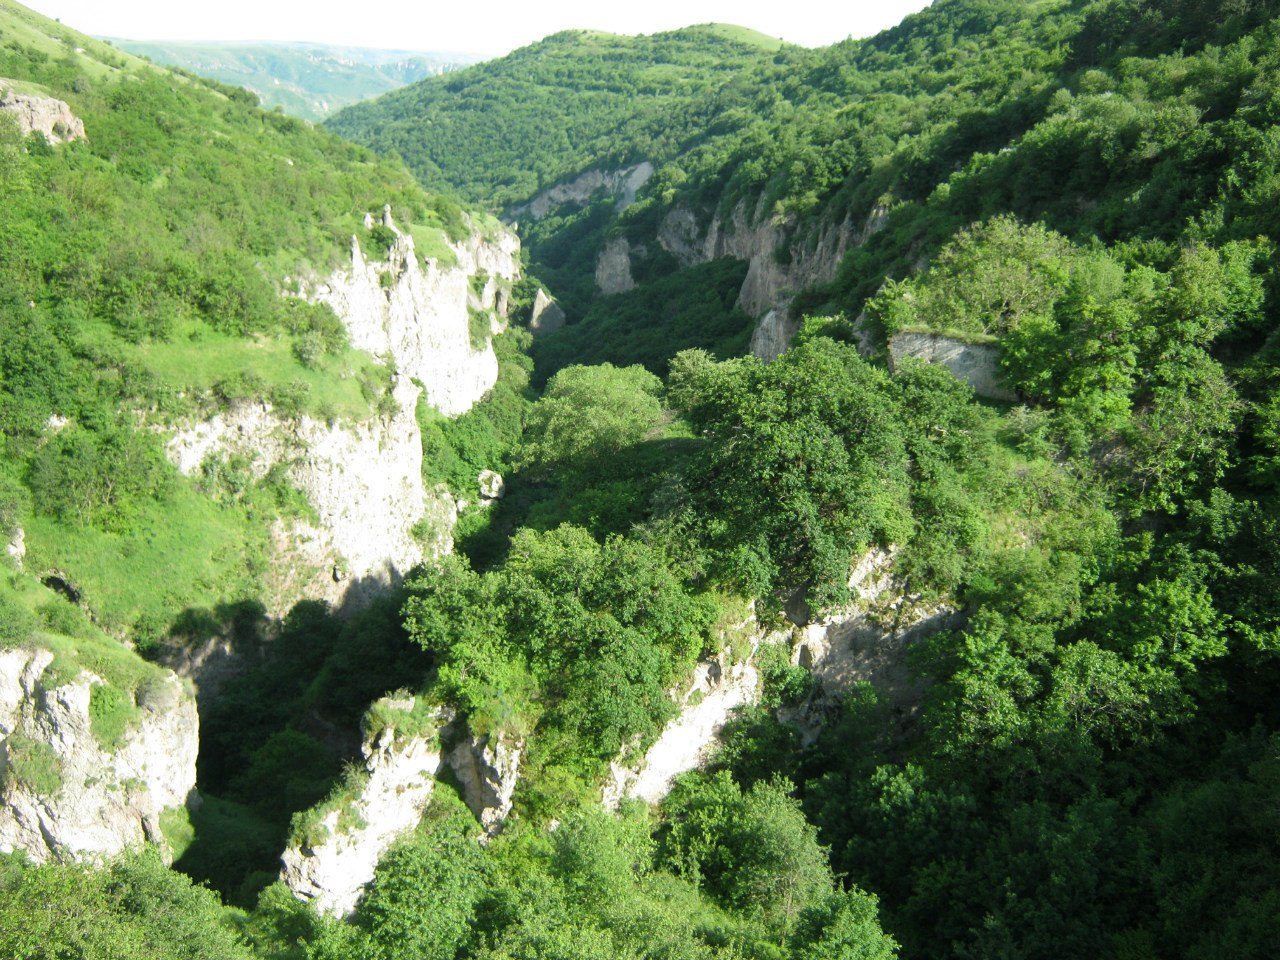 Вид на каньон с подвесного моста в Хндзореске